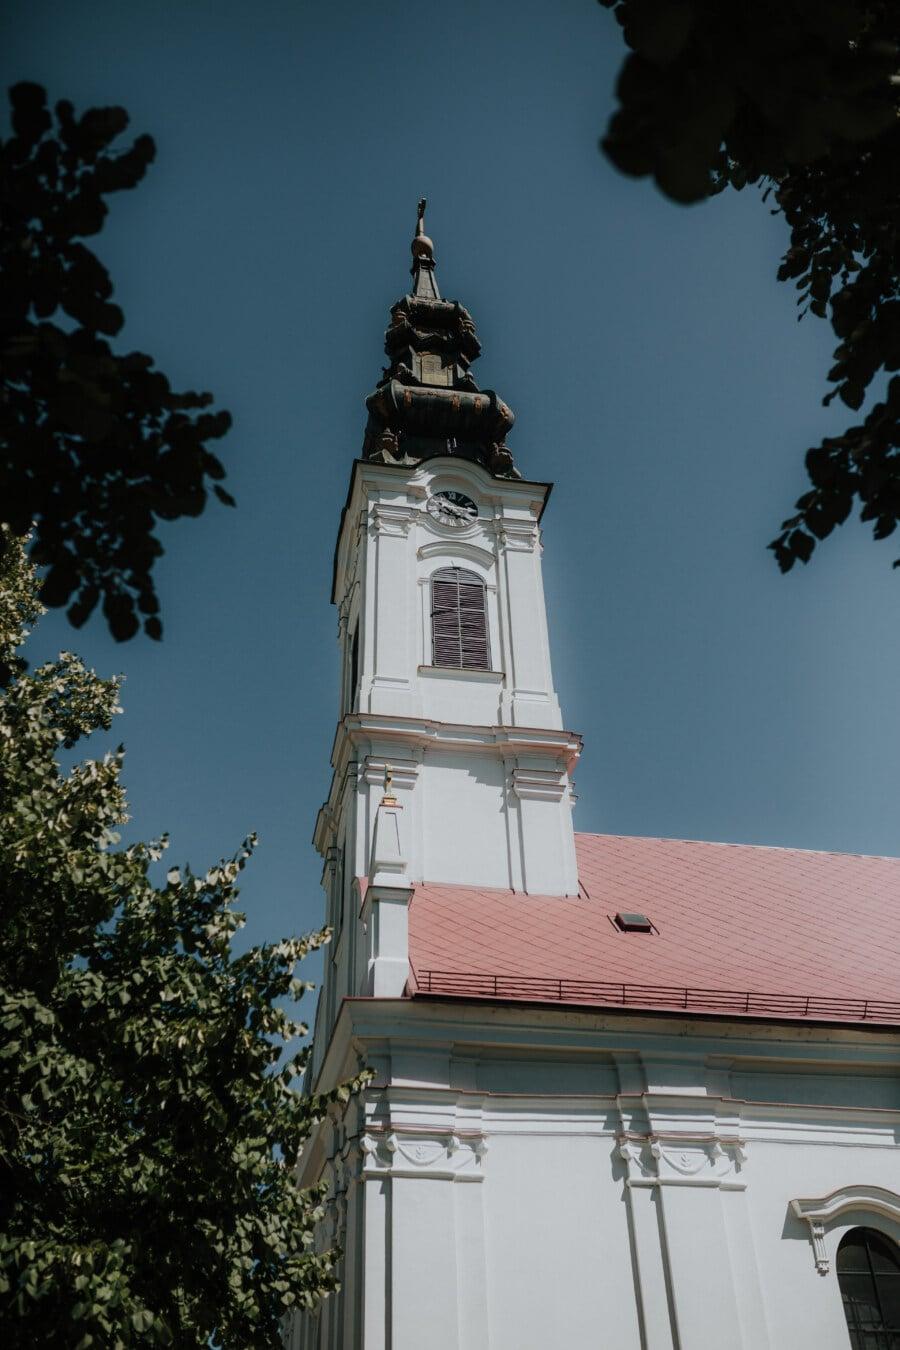 blanc, steeple, cuivre, église, architecture, religion, tour, Croix, Ville, vieux